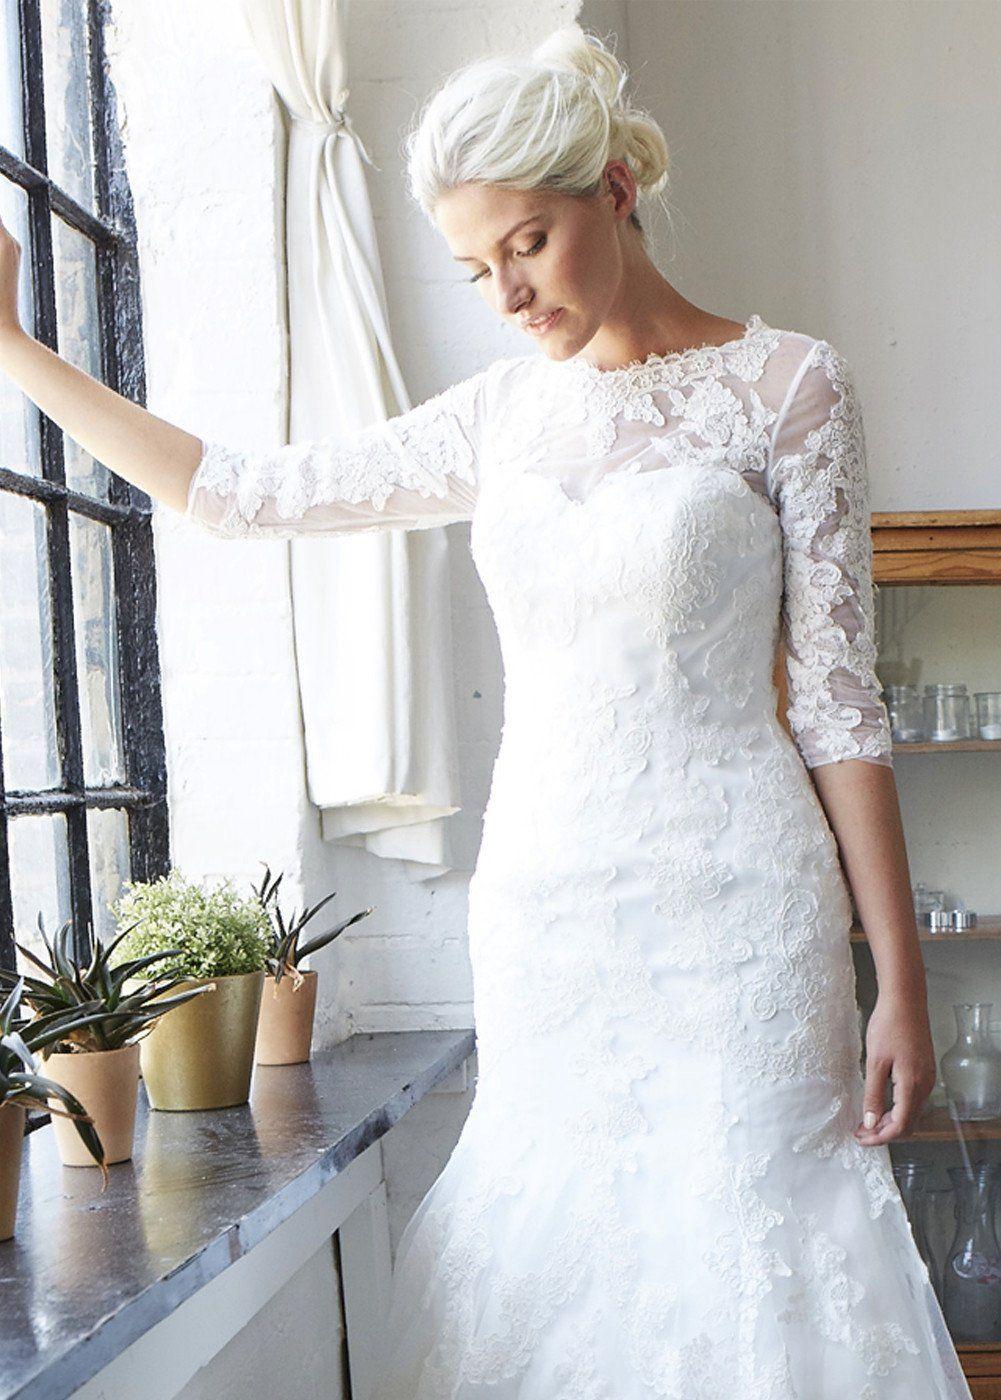 White mermaid wedding dress   Sleeve Lace Mermaid Wedding Dress  ANEBERRY Wedding Dresses